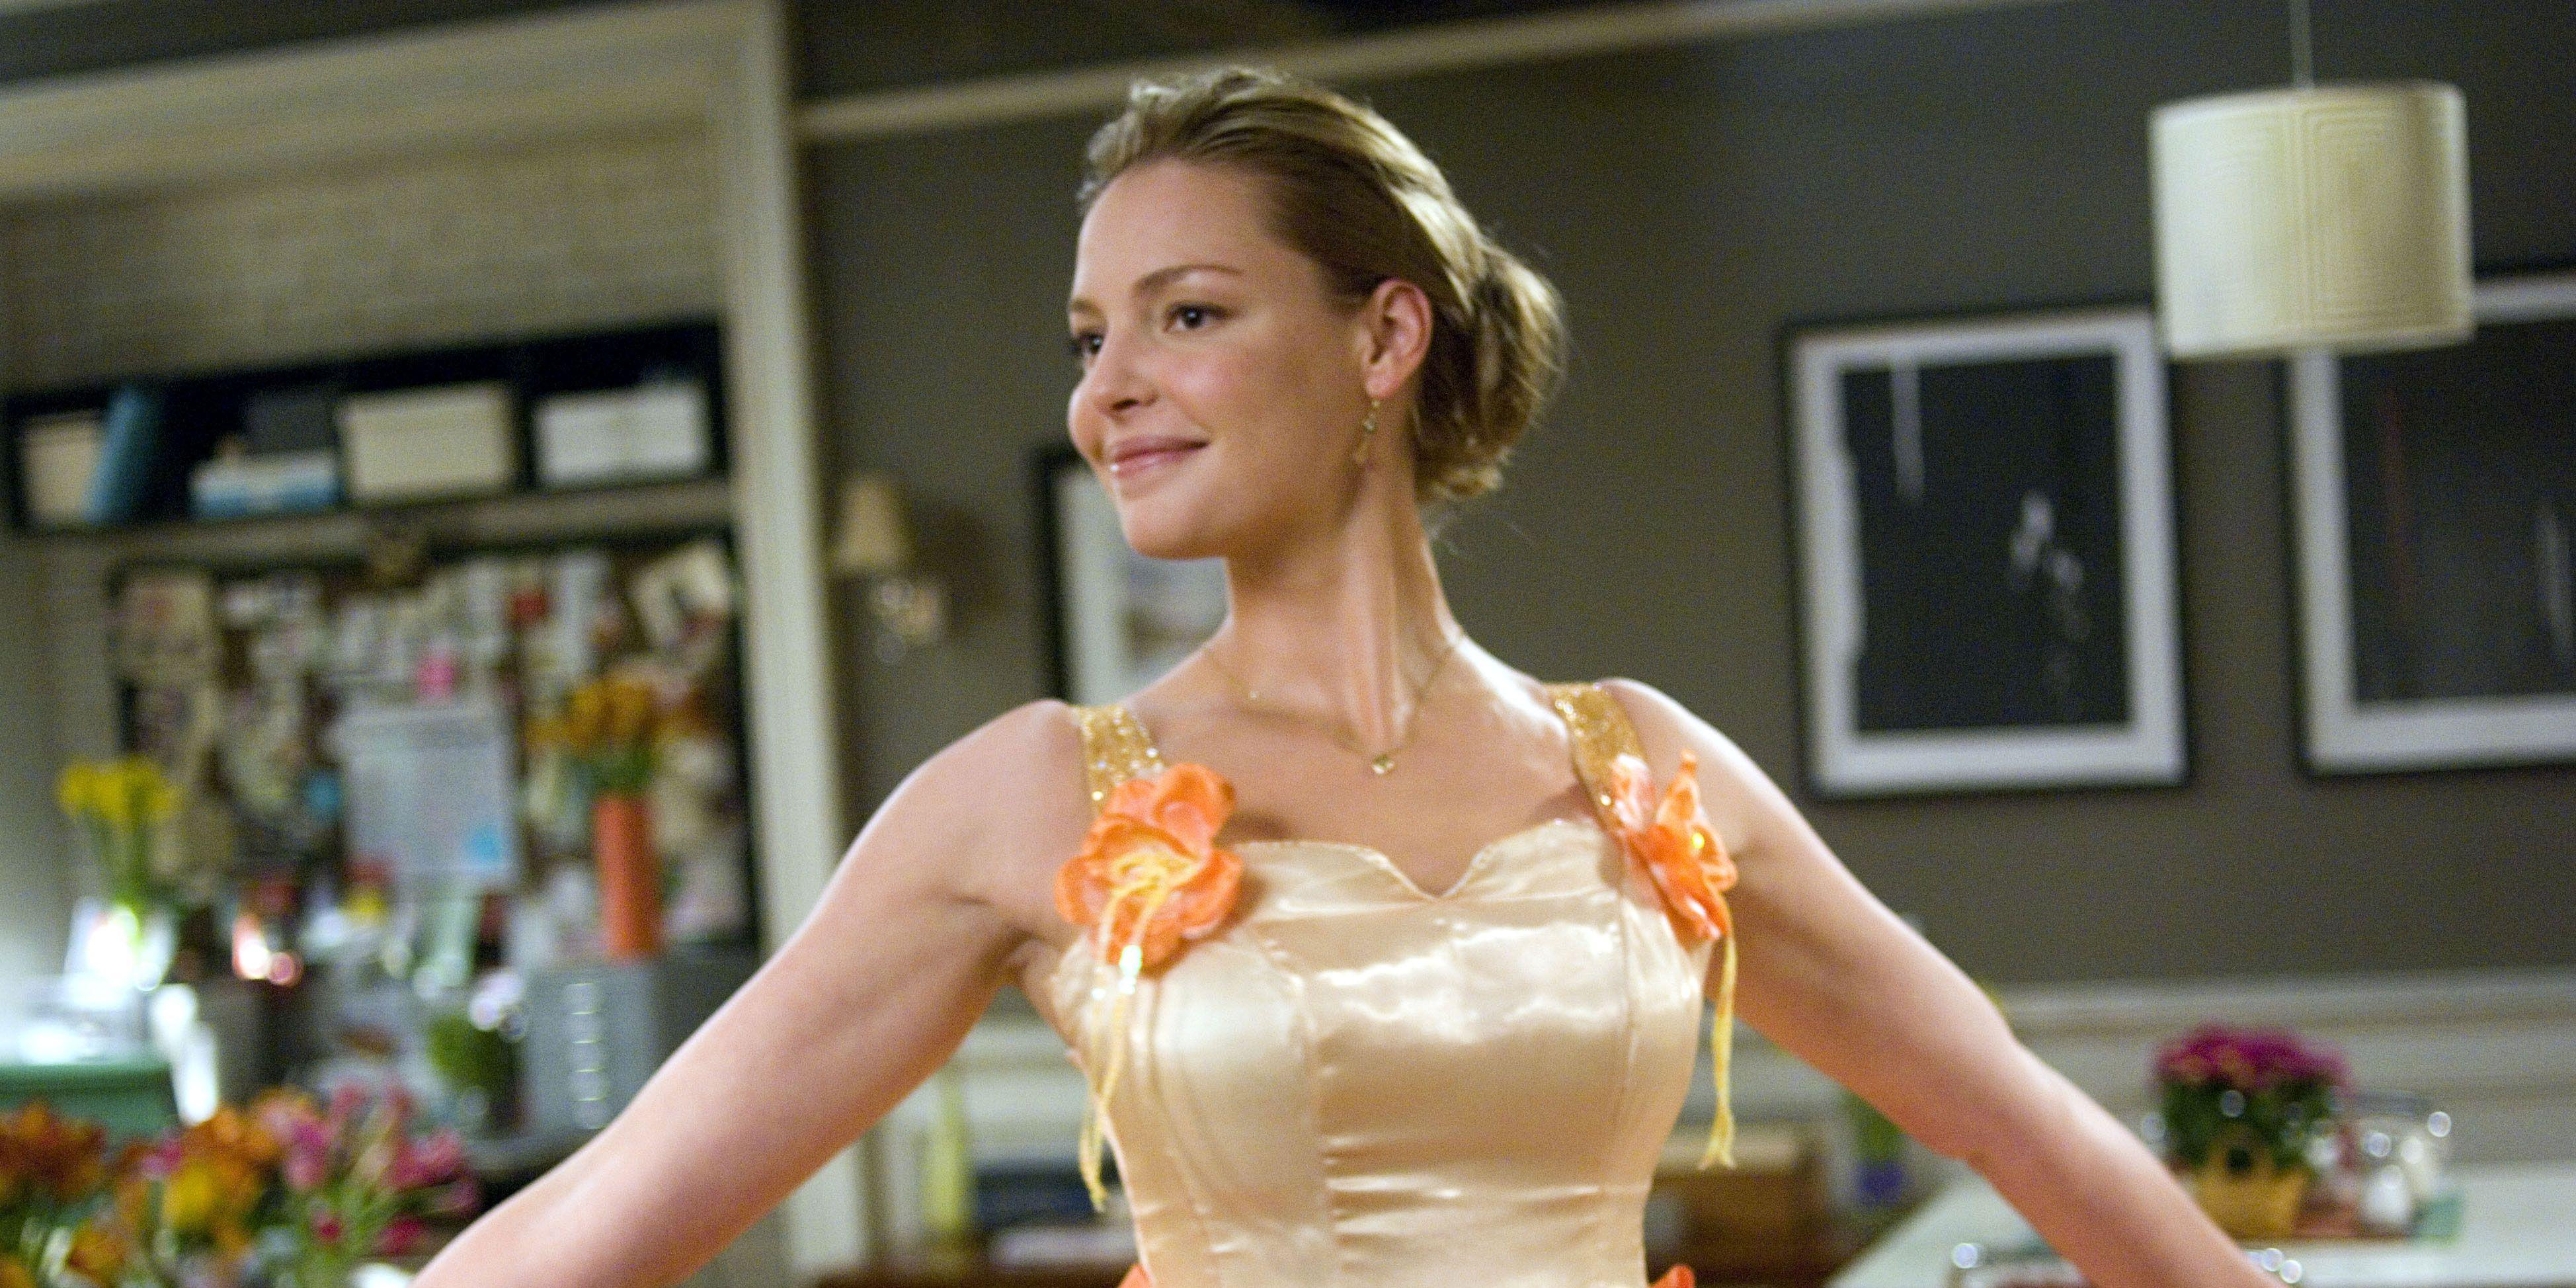 Katherine Heigl 27 Dresses bridesmaid